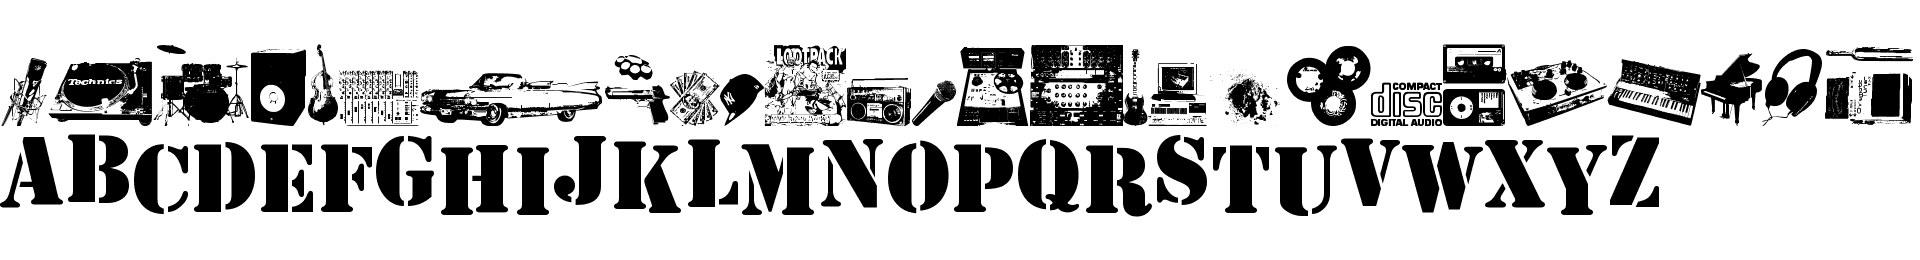 Soundpieces